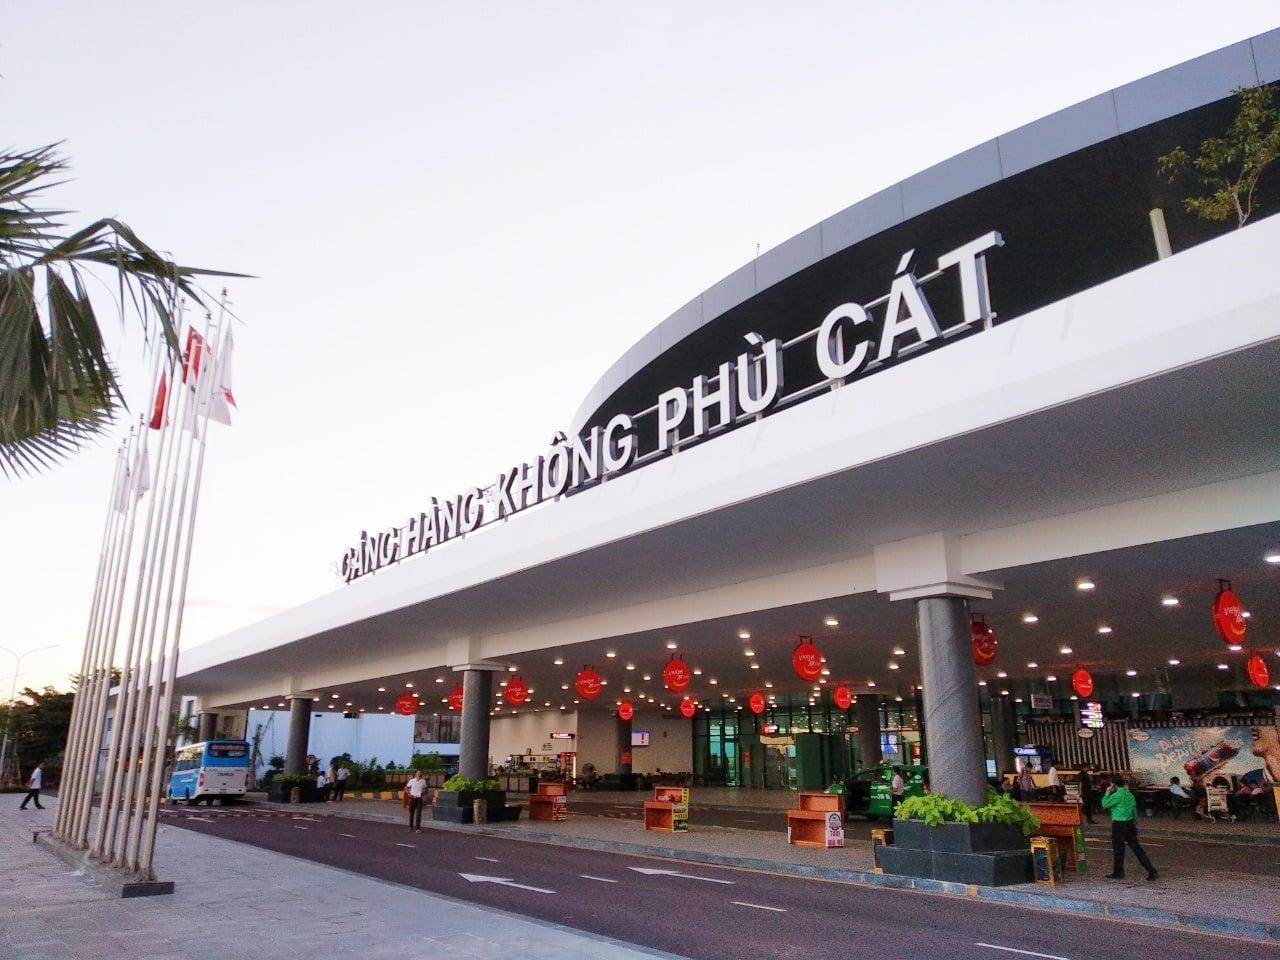 san bay phu cat quy nhơn - DỰ ÁN ĐẤT NỀN NHƠN HỘI NEW CITY QUY NHƠN, TỈNH BÌNH ĐỊNH